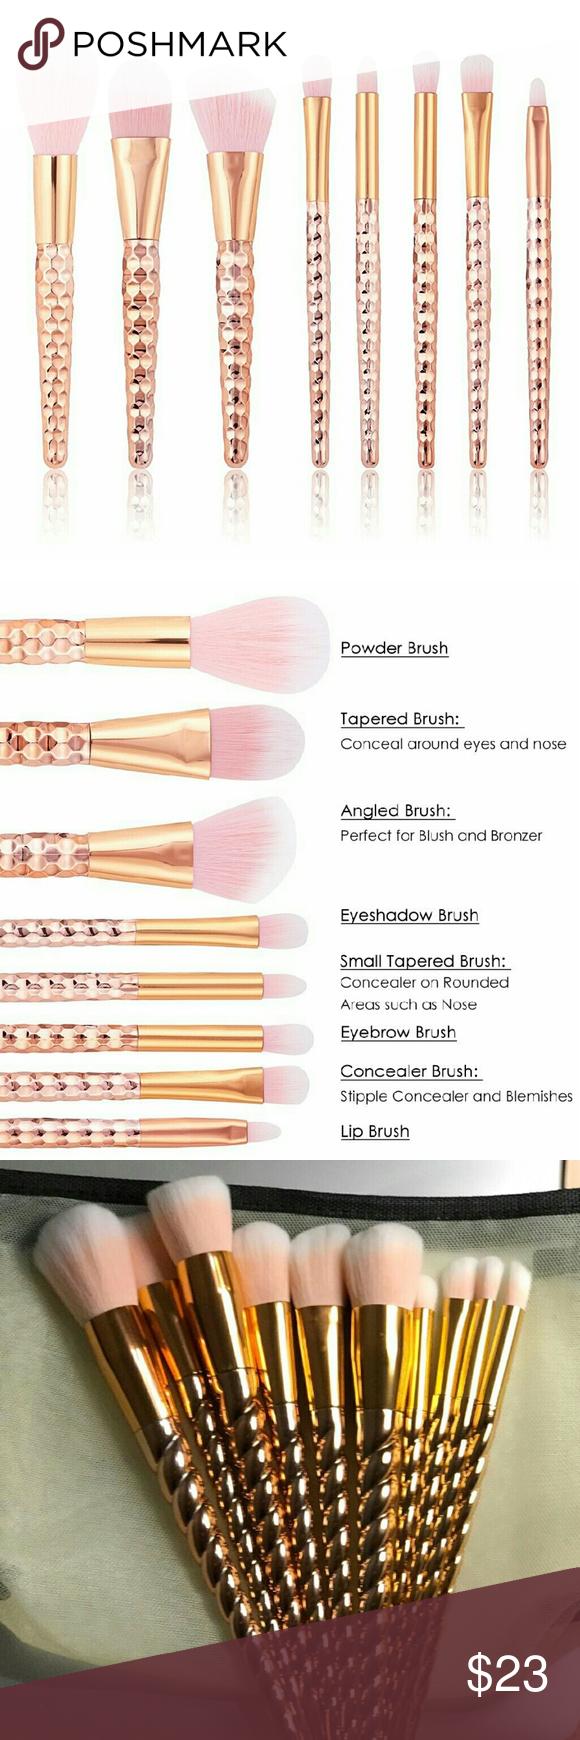 Kabuki brush set This makeup brush set meets your needs of